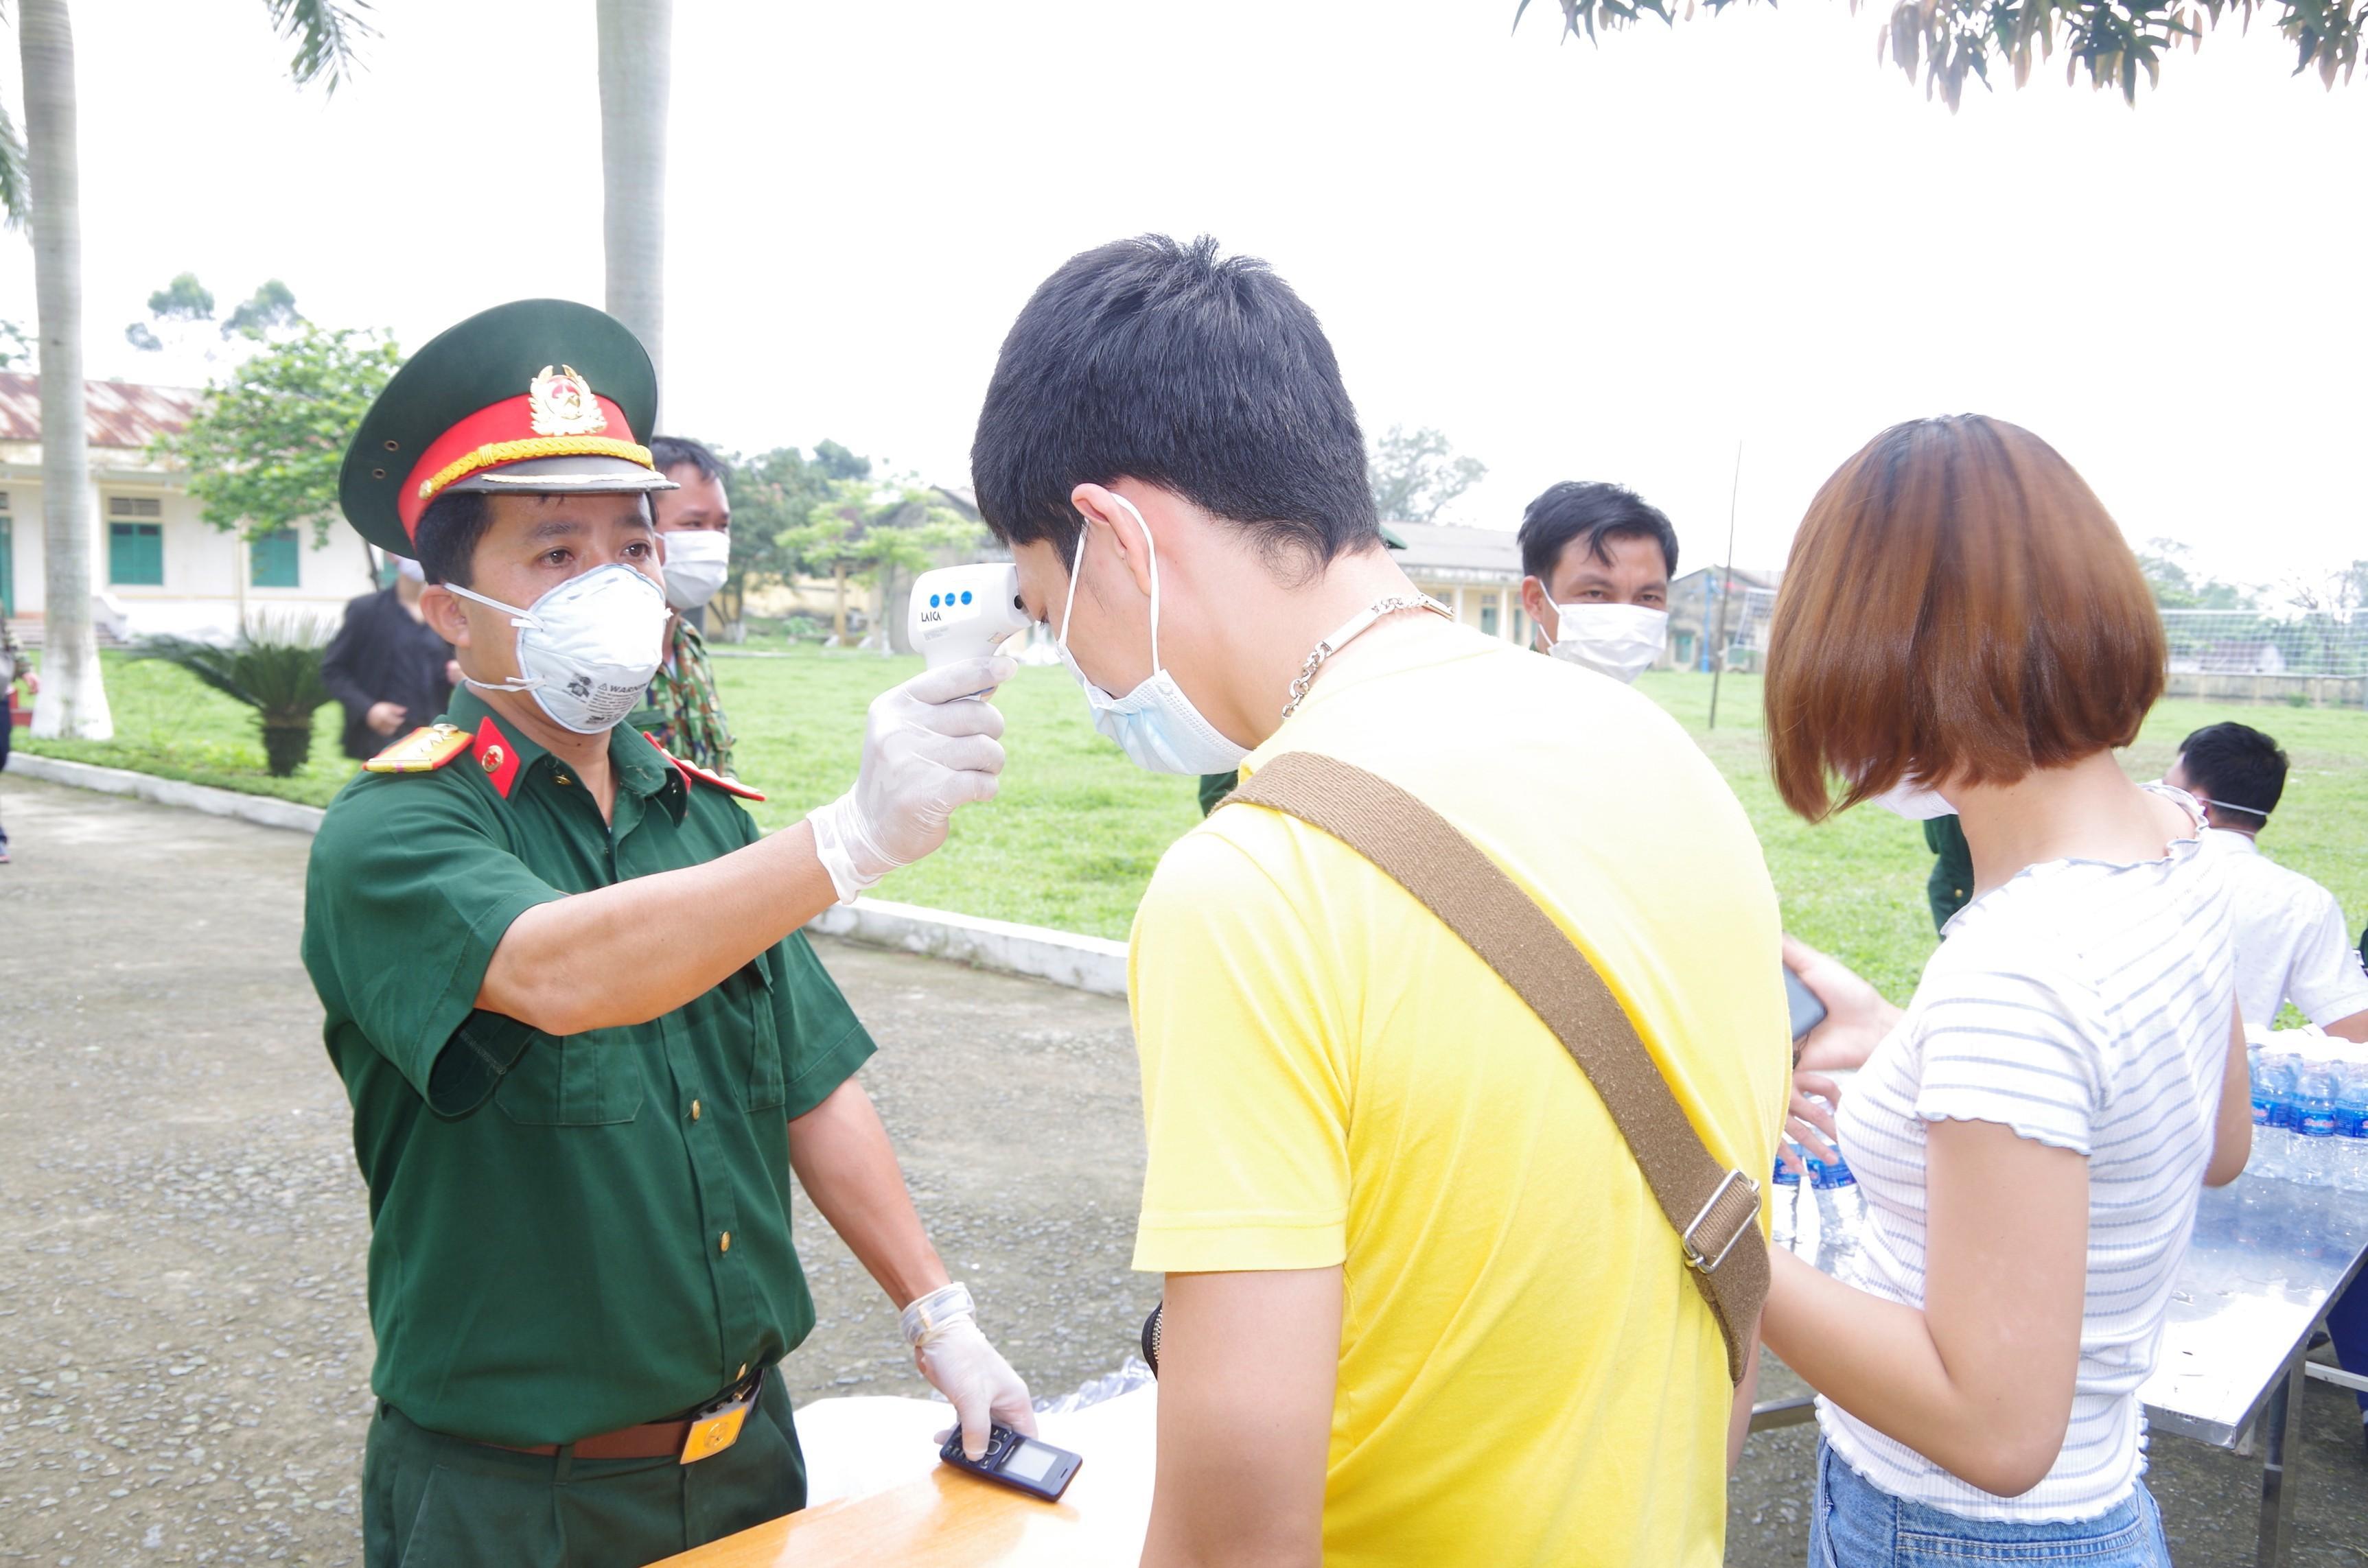 Bàn giao hơn 600 công dân đã hoàn thành thời gian cách ly tập trung Ảnh 3